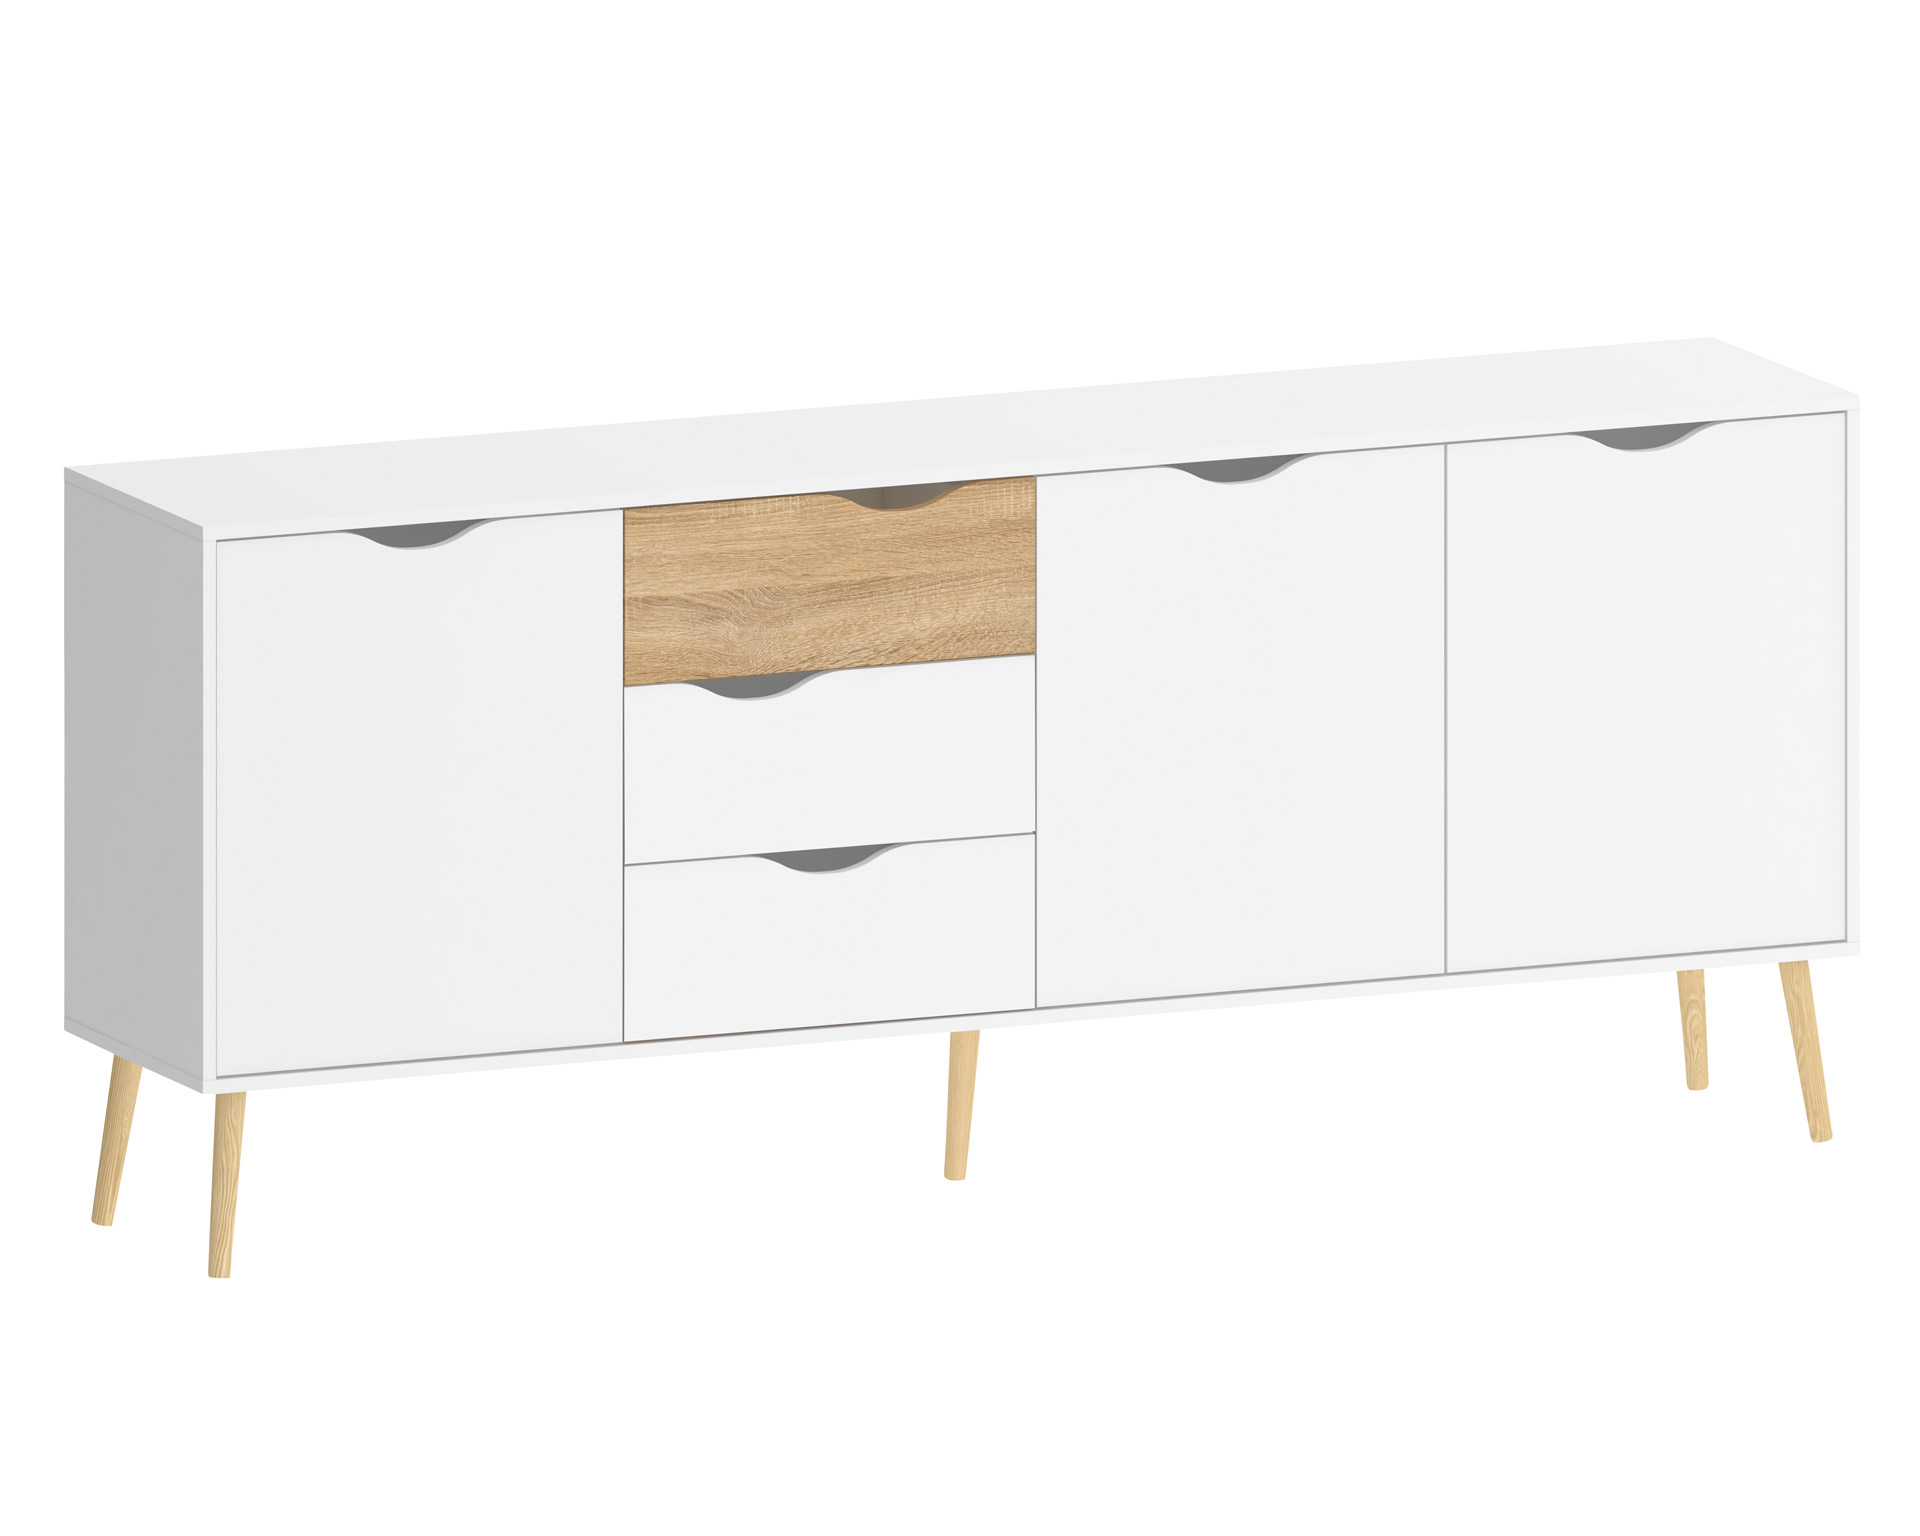 30 sparen kommode delta 3 3 nur 139 95 cherry m bel d nisches bettenlager. Black Bedroom Furniture Sets. Home Design Ideas